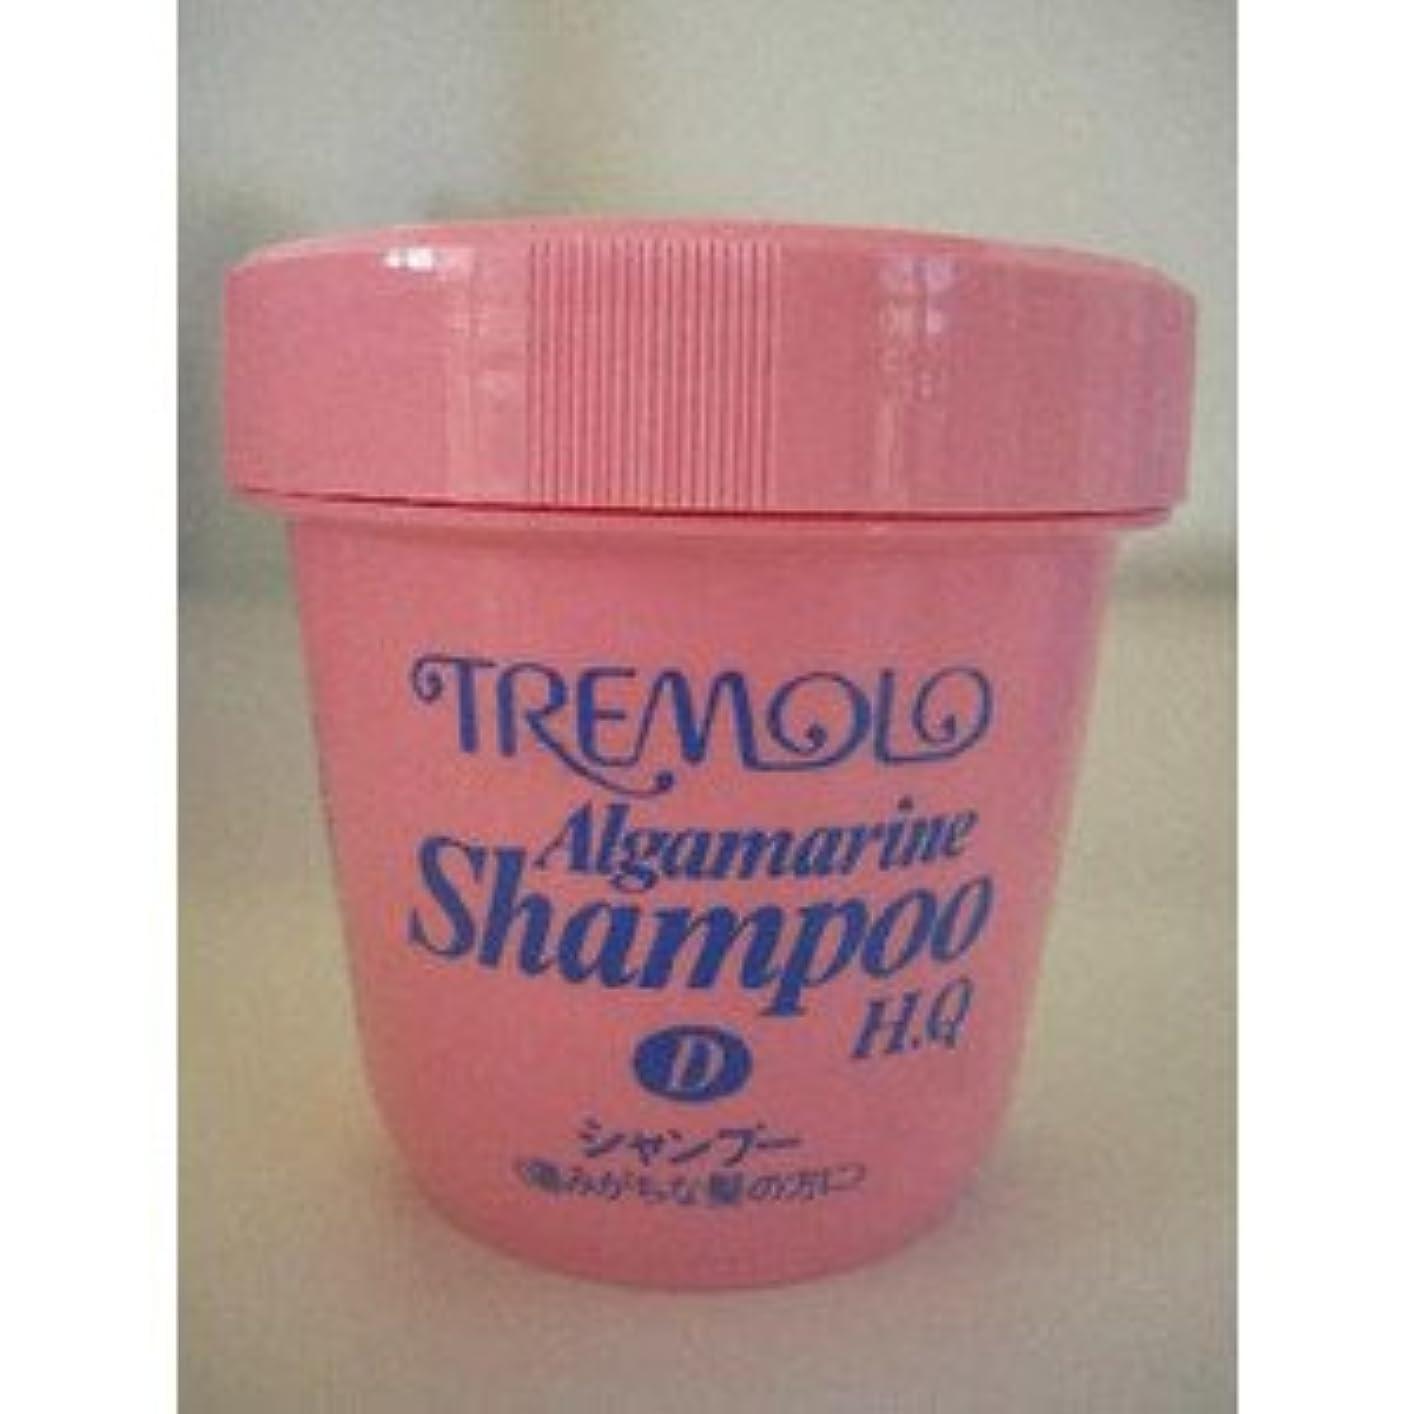 トレモロ アルグマリーン シャンプーQ ドライヘア用 1kg